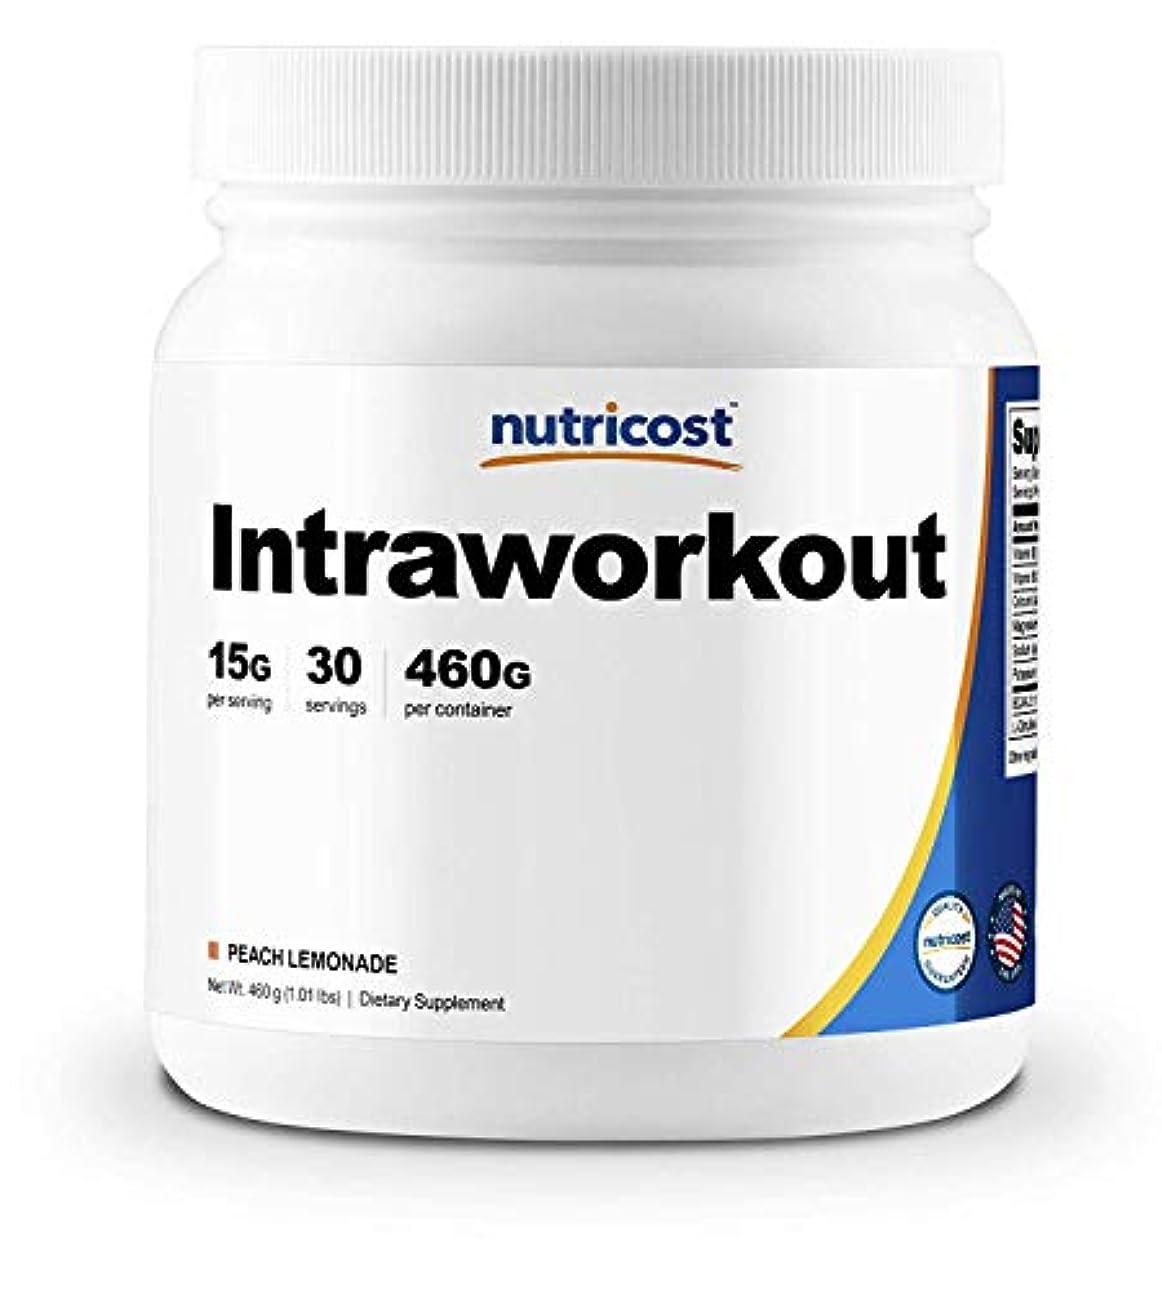 道路を作るプロセス話す中毒Nutricost イントラワークアウトパウダー(ピーチレモネード味)、非GMO、グルテンフリー